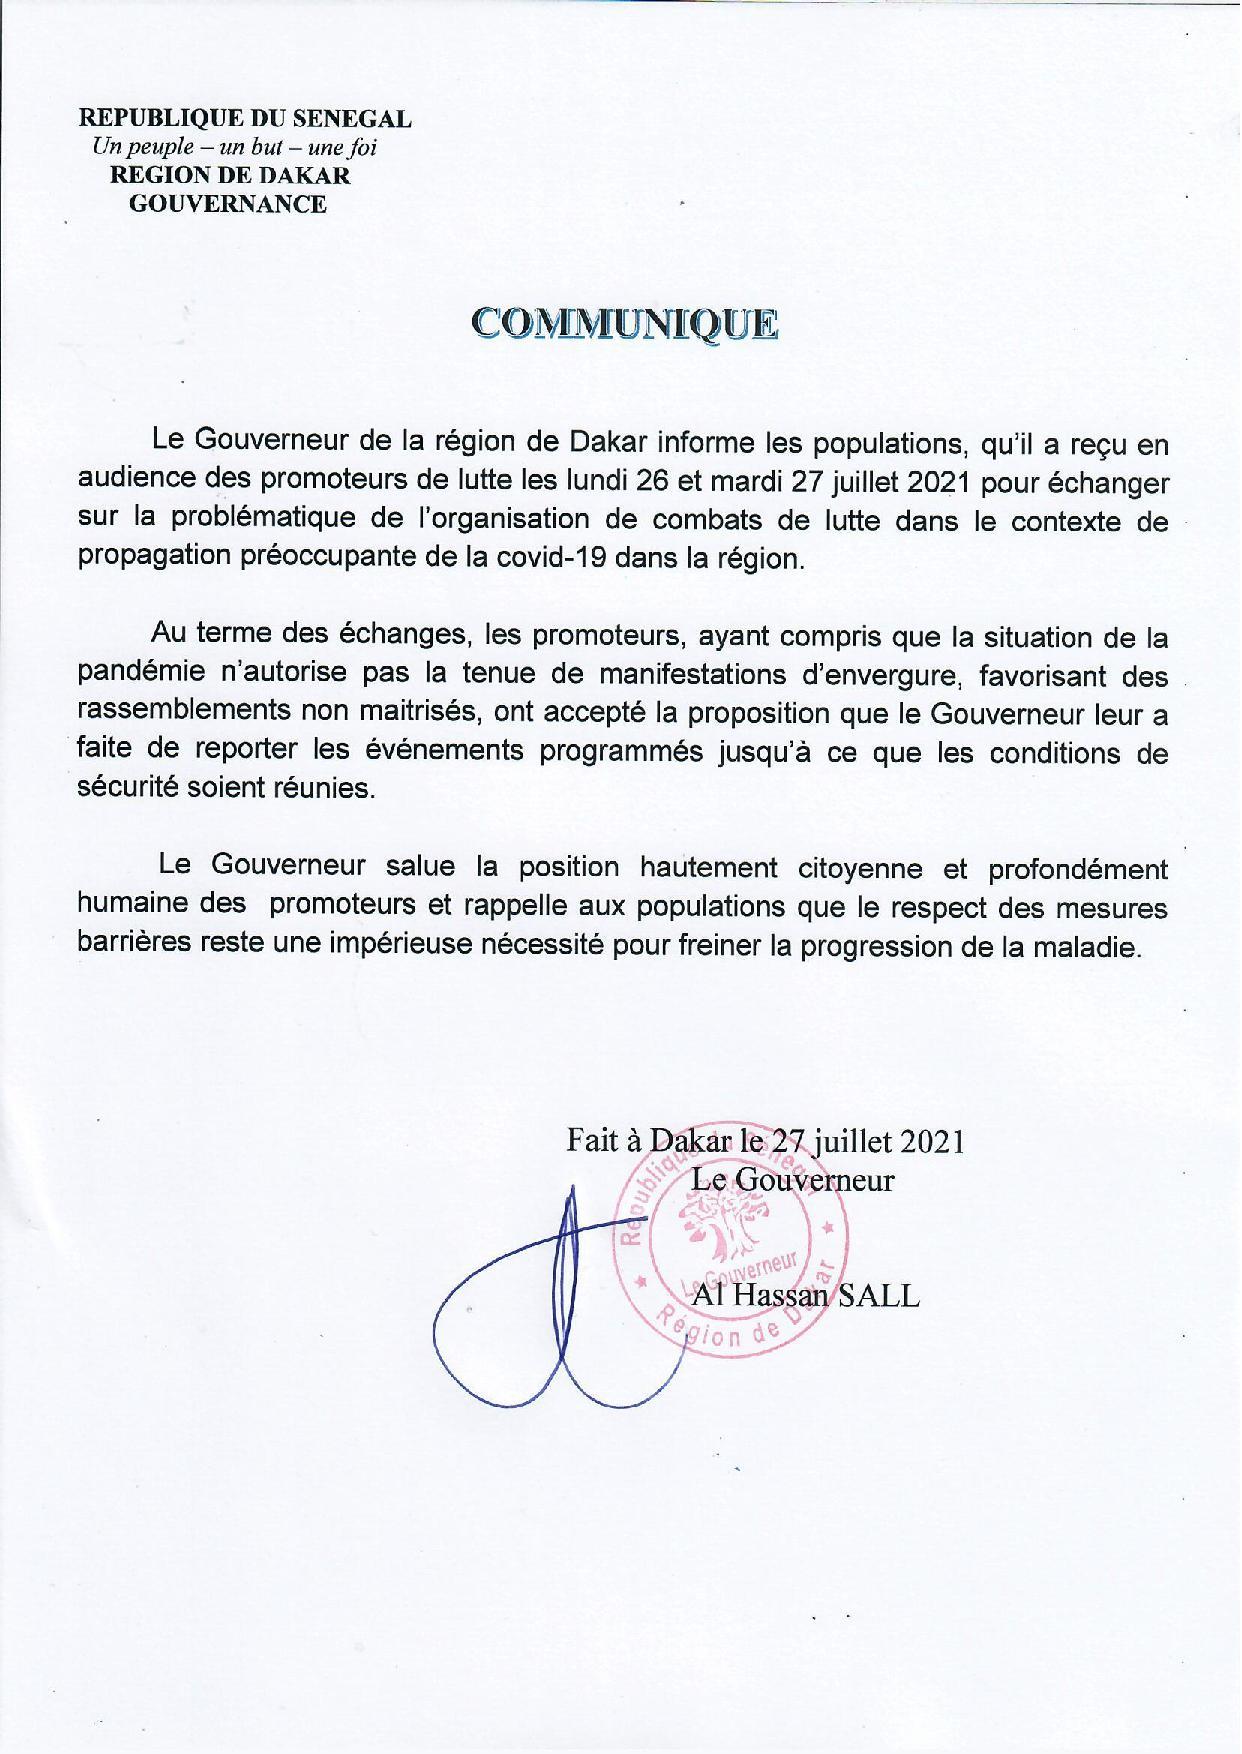 Lutte / Après leur audience avec le Gouverneur de Dakar: Les promoteurs de lutte reportent les évènements programmés